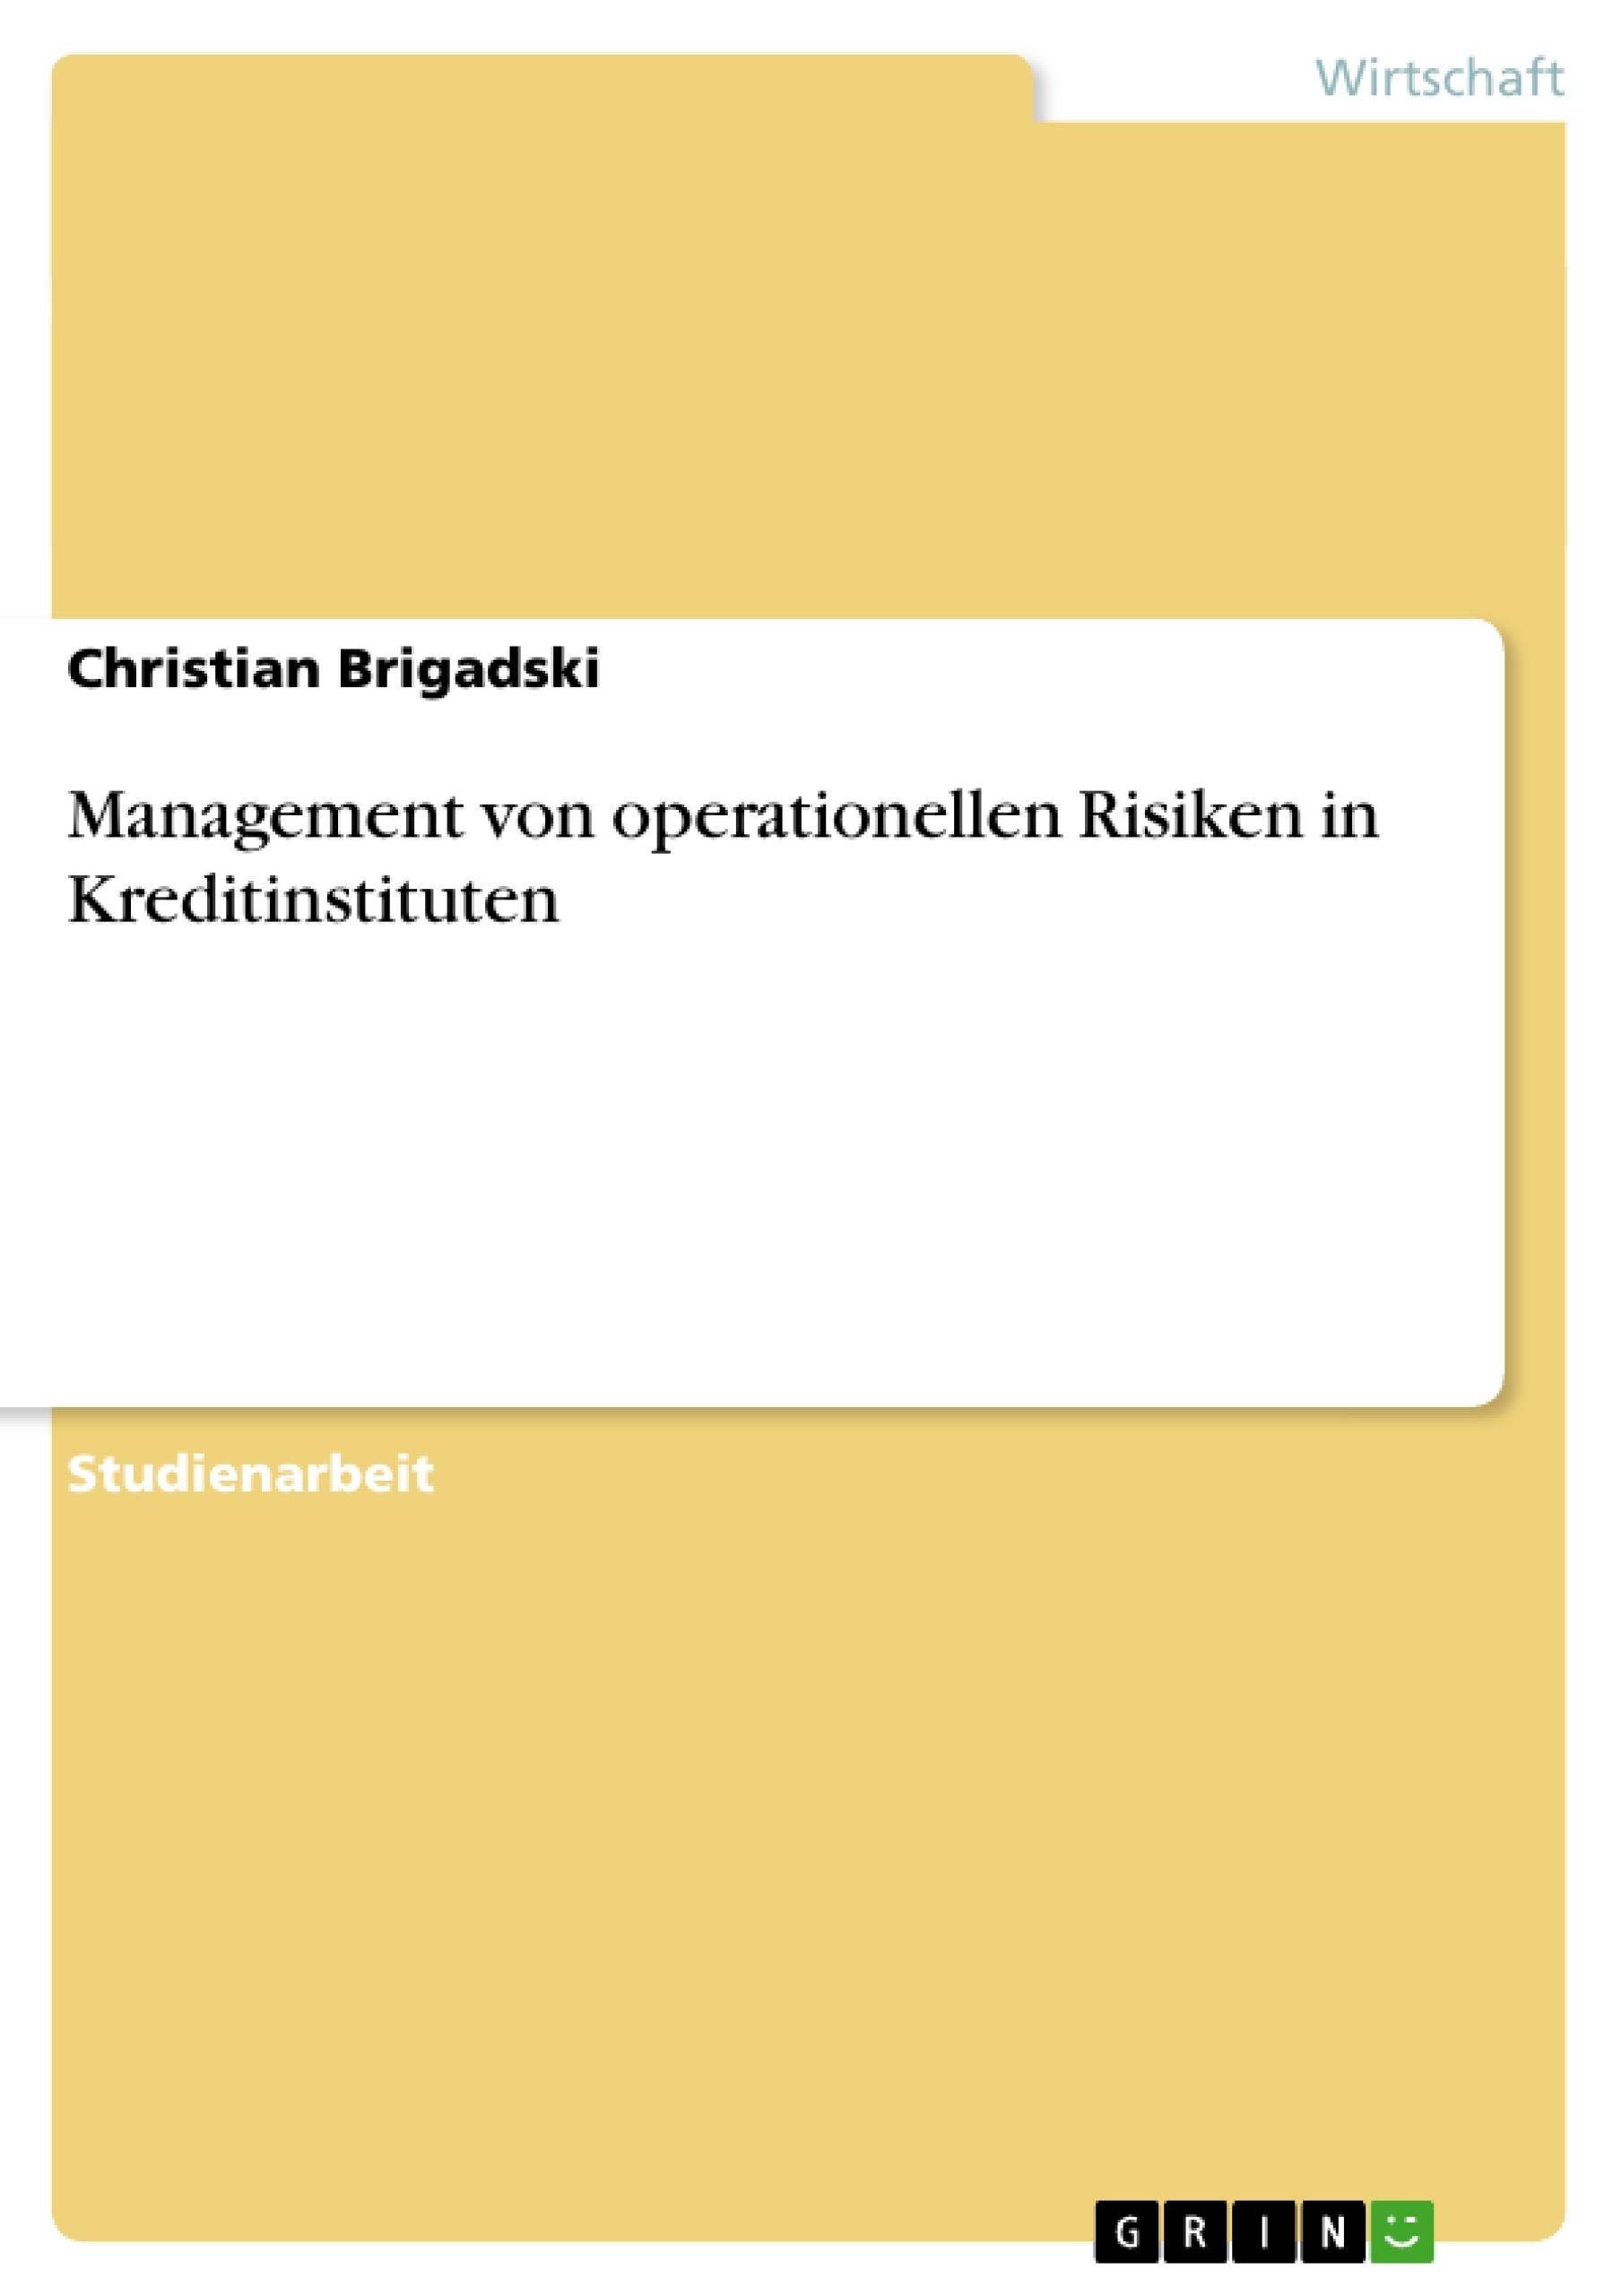 Titel: Management von operationellen Risiken in Kreditinstituten